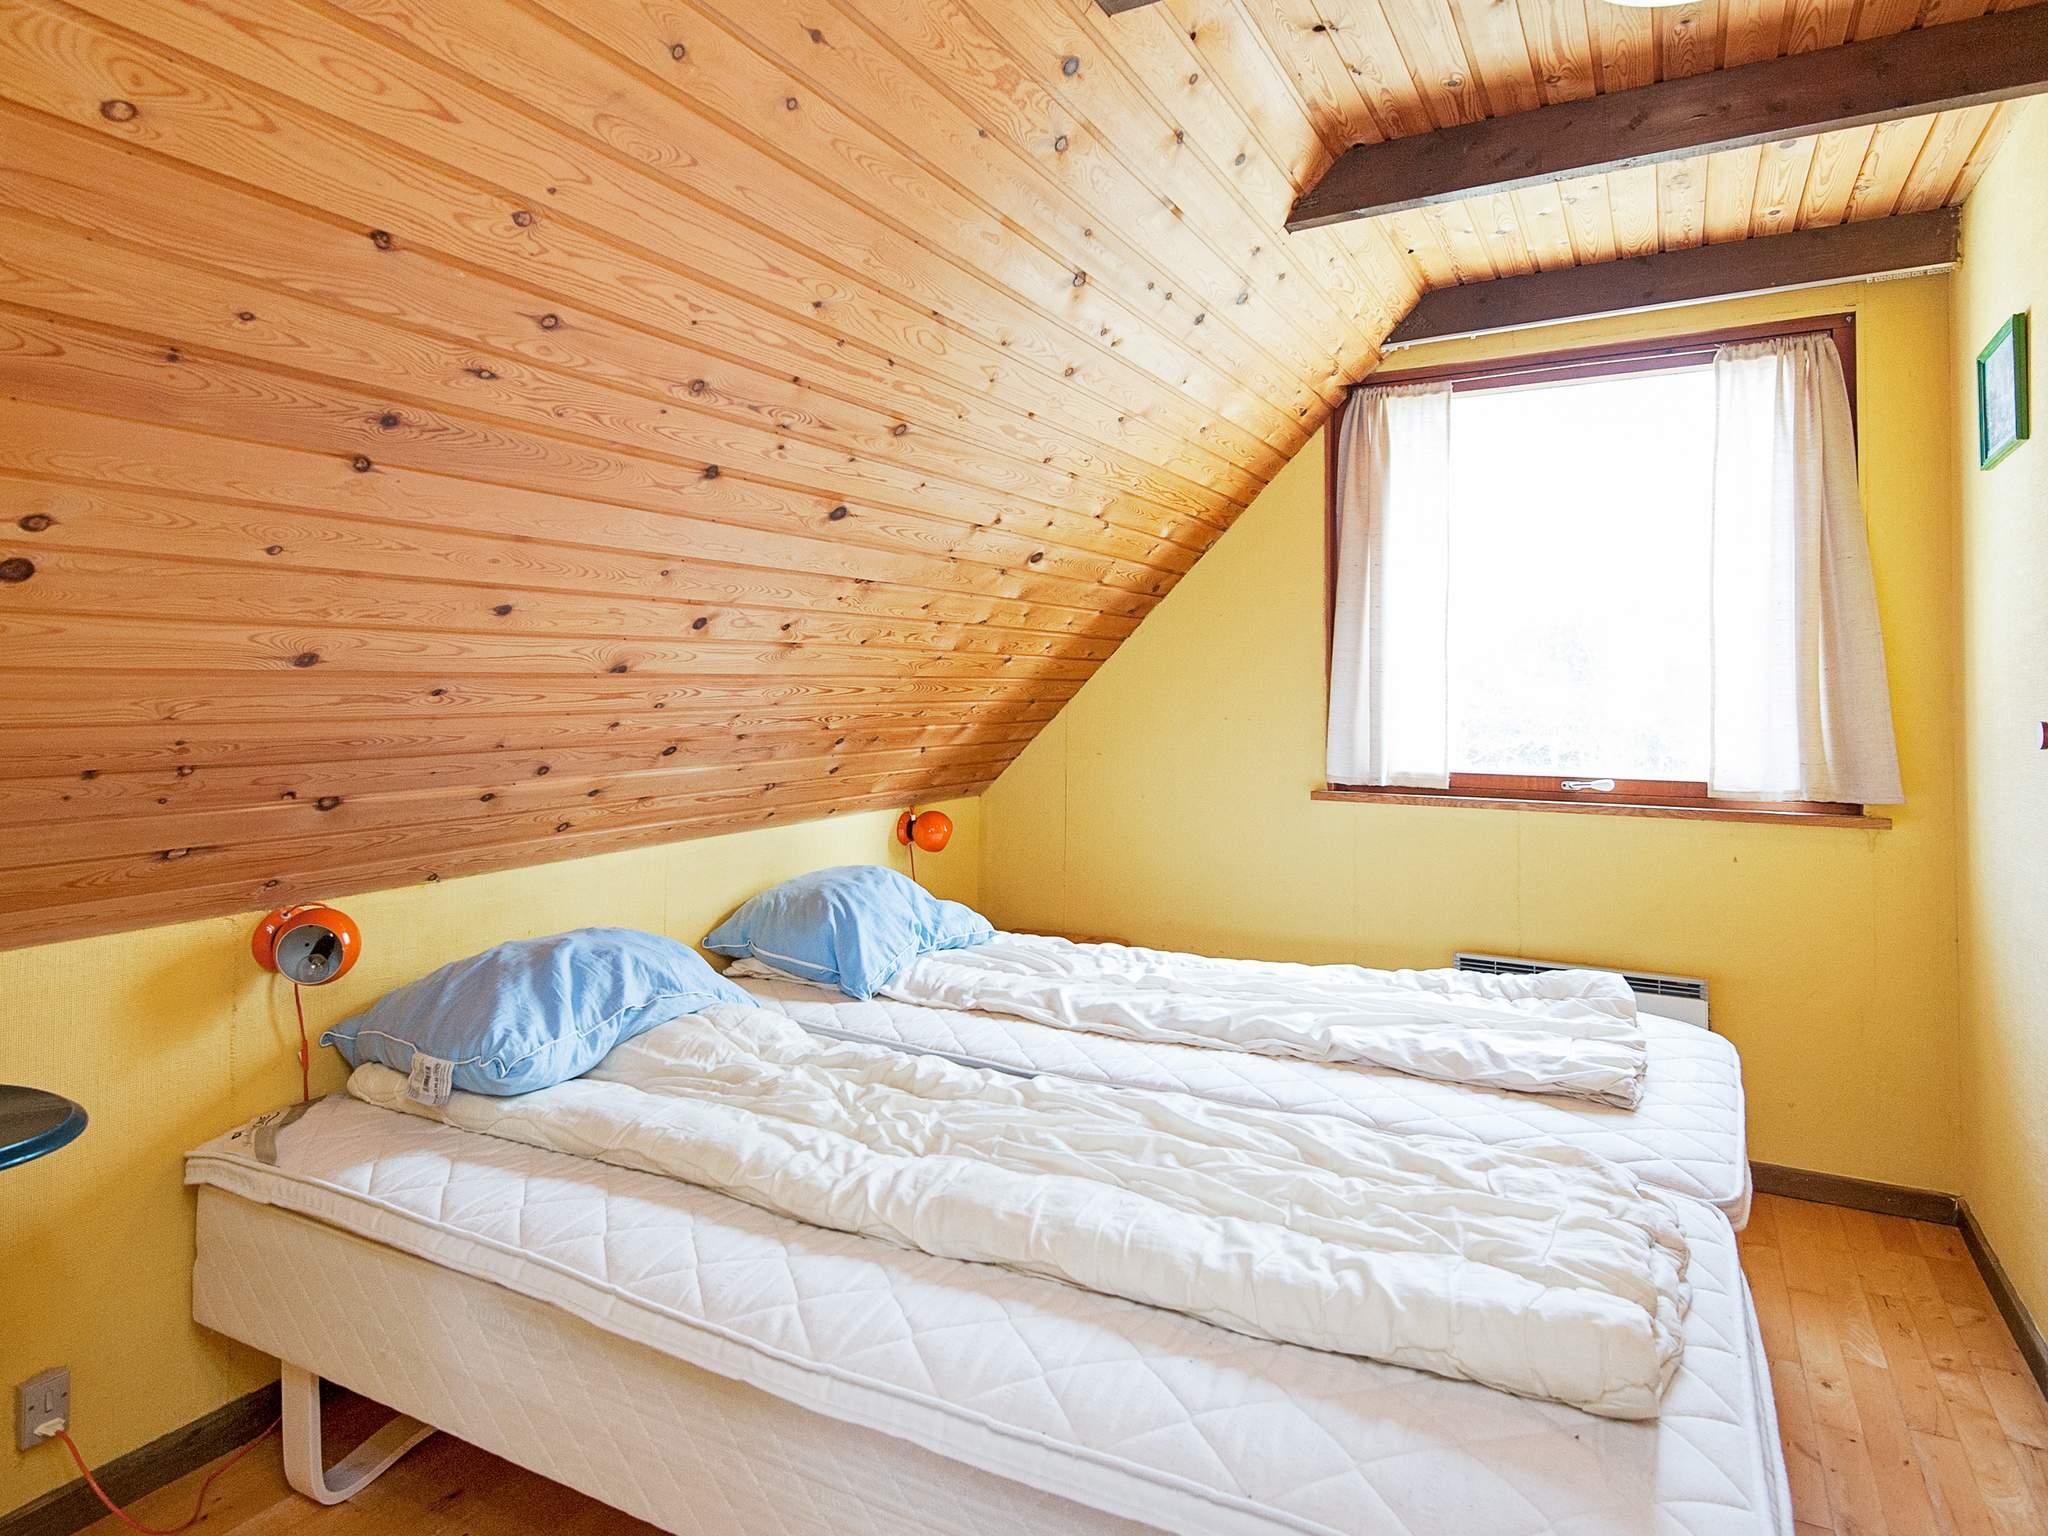 Ferienhaus Skovgårde Strand (83166), Allingåbro, , Ostjütland, Dänemark, Bild 9